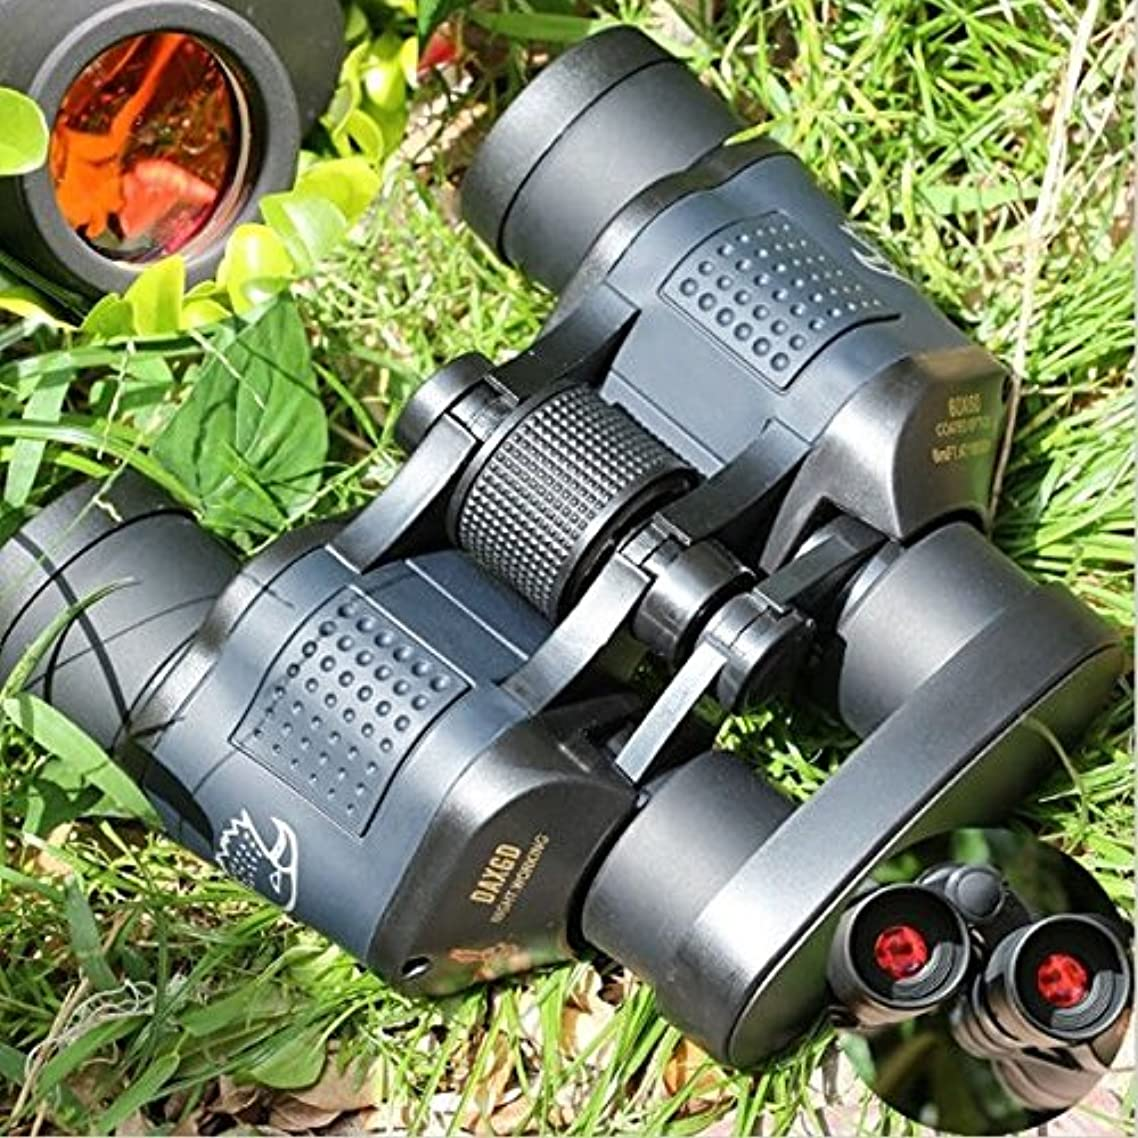 コメントチャンピオンミットzoostliss Military光学双眼鏡5000 M高解像度望遠鏡Rapidフォーカス双眼鏡withストラップとバッグの狩猟キャンプ監視スポーツイベント旅行